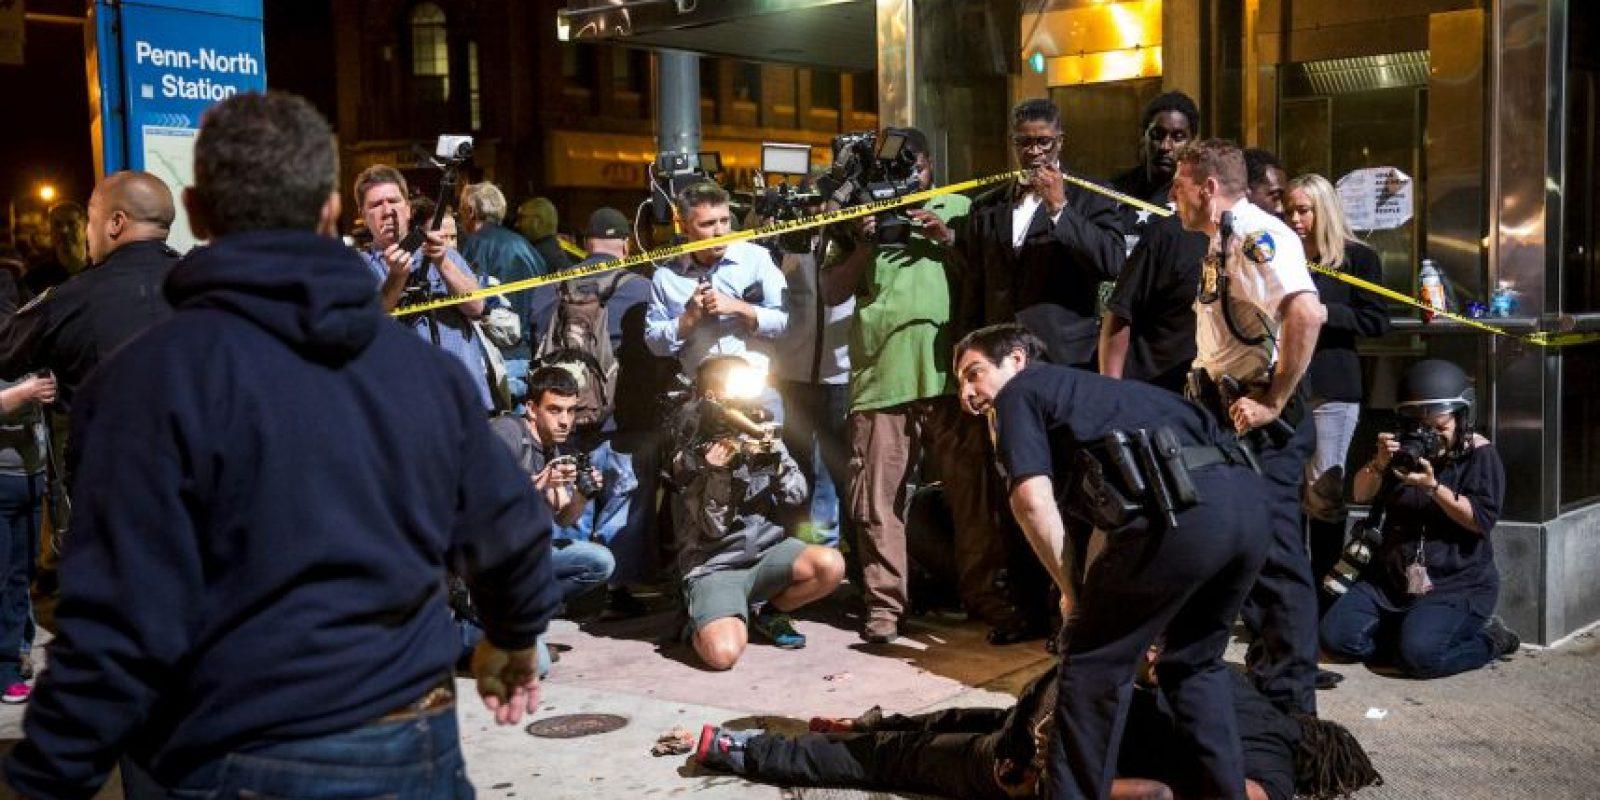 El uso de la fuerza policial ha sido tema de debate en los Estados Unidos. Foto:Getty Images